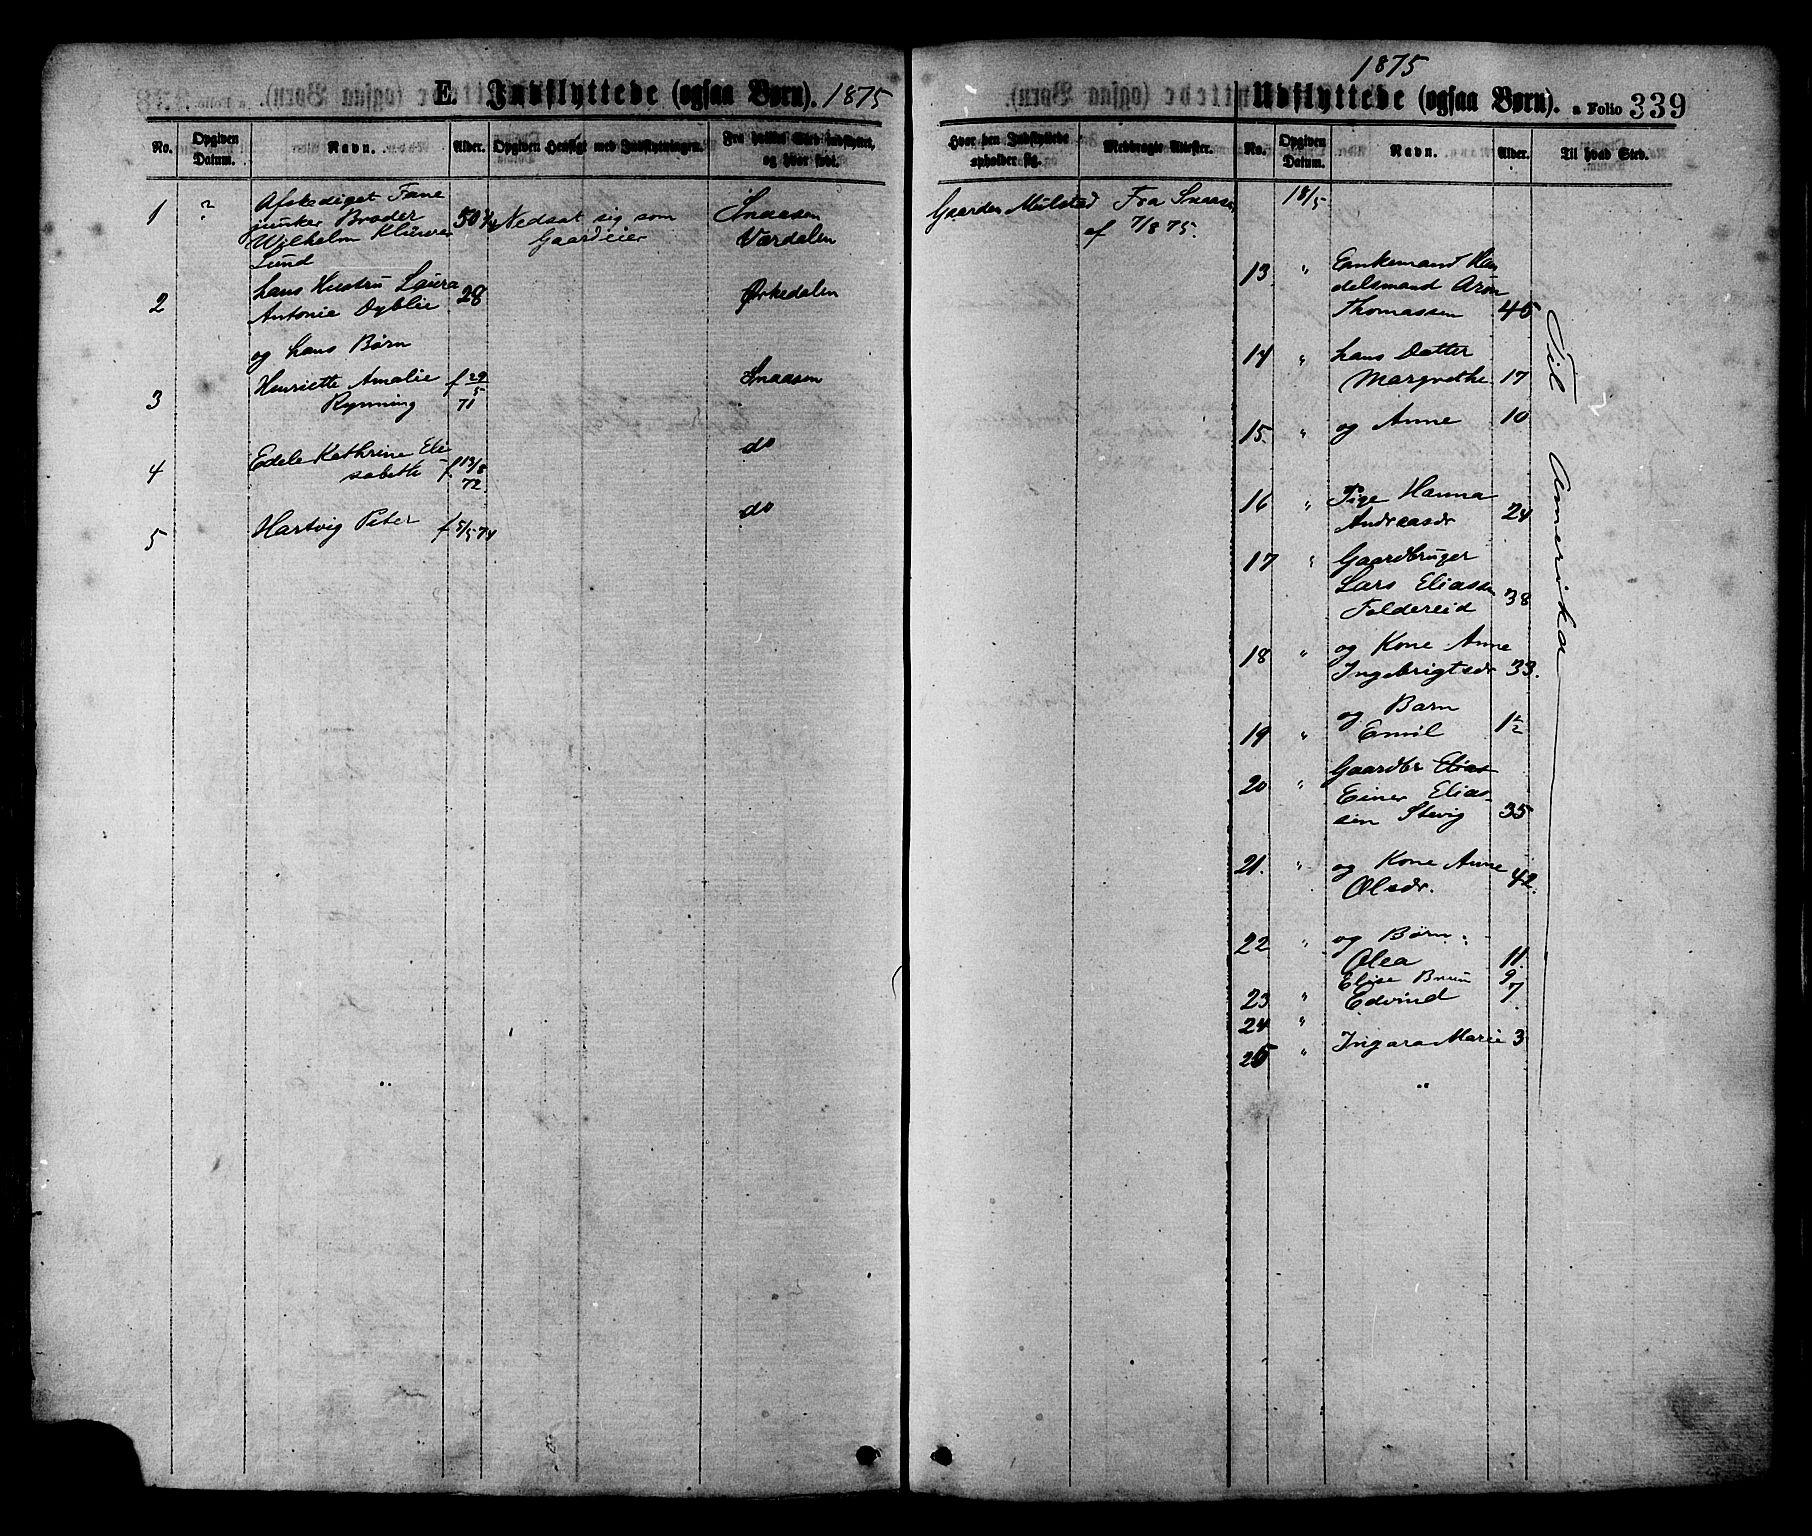 SAT, Ministerialprotokoller, klokkerbøker og fødselsregistre - Nord-Trøndelag, 780/L0642: Ministerialbok nr. 780A07 /1, 1874-1885, s. 339